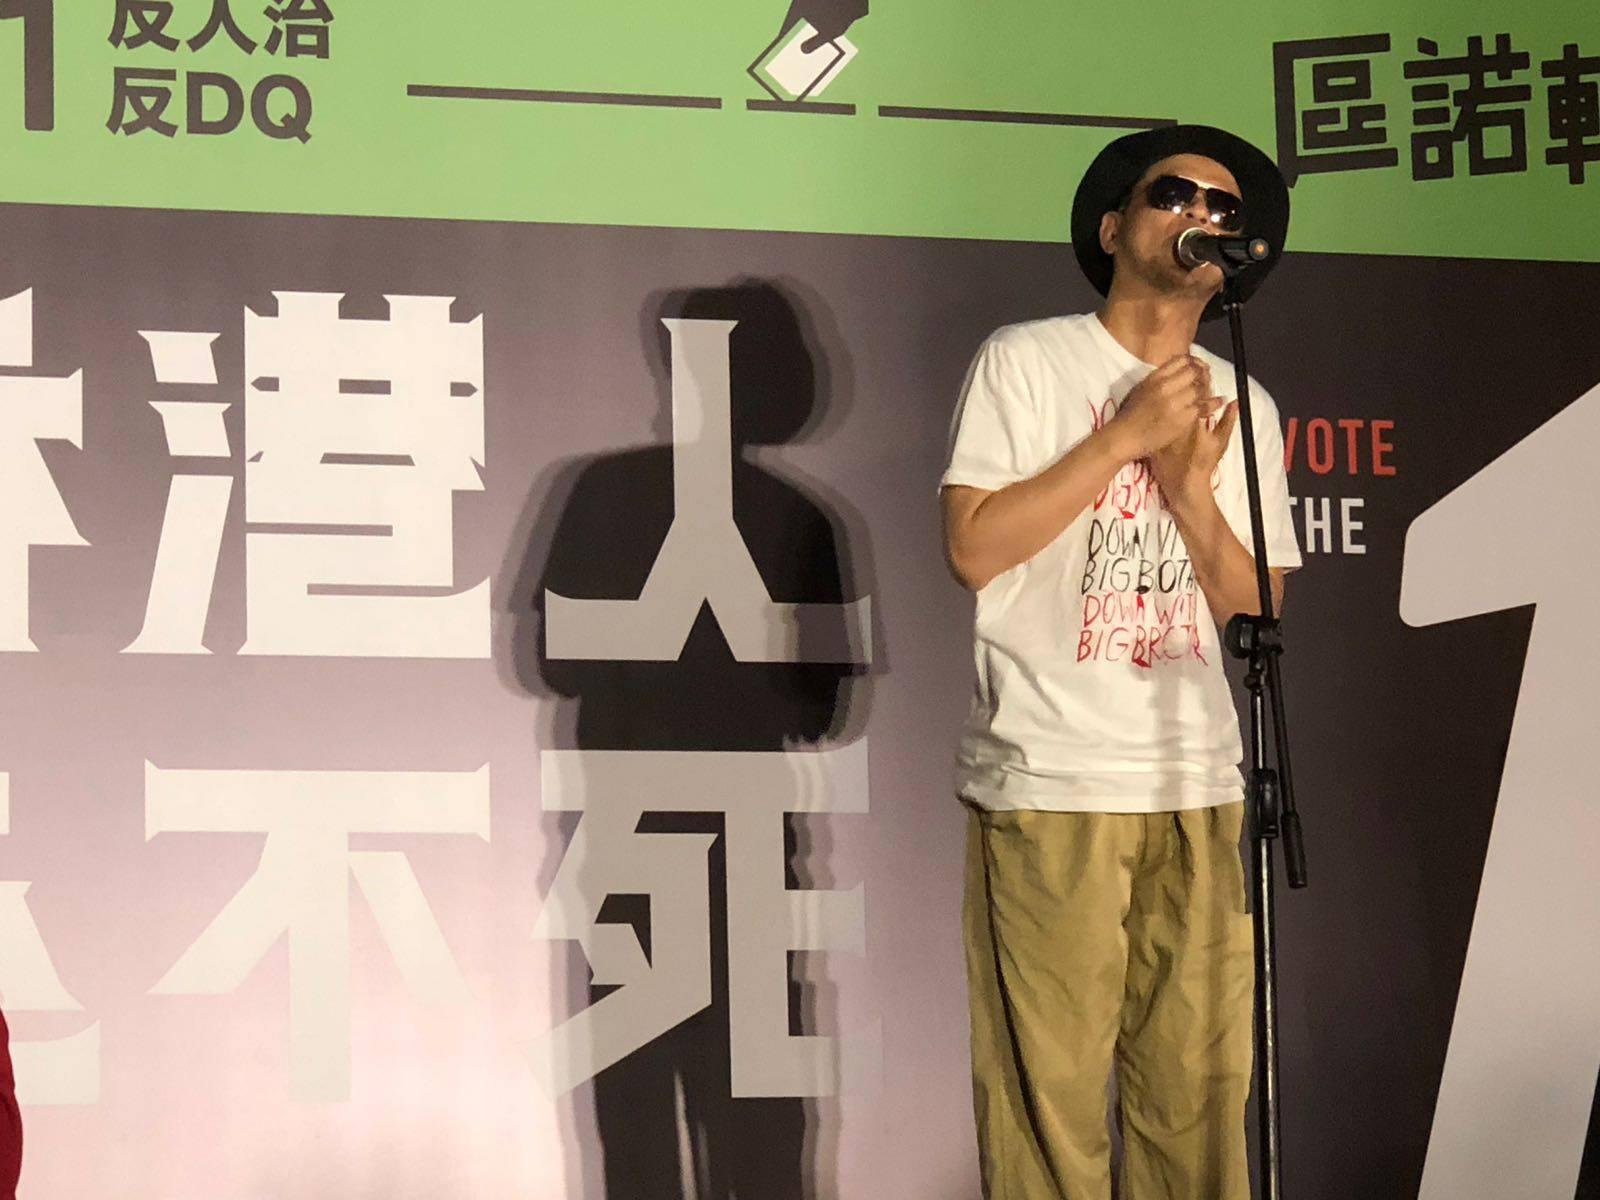 黄耀明曾于2018年3月3日,在区诺轩的造势大会上演唱。-图取自黄耀明面子书-